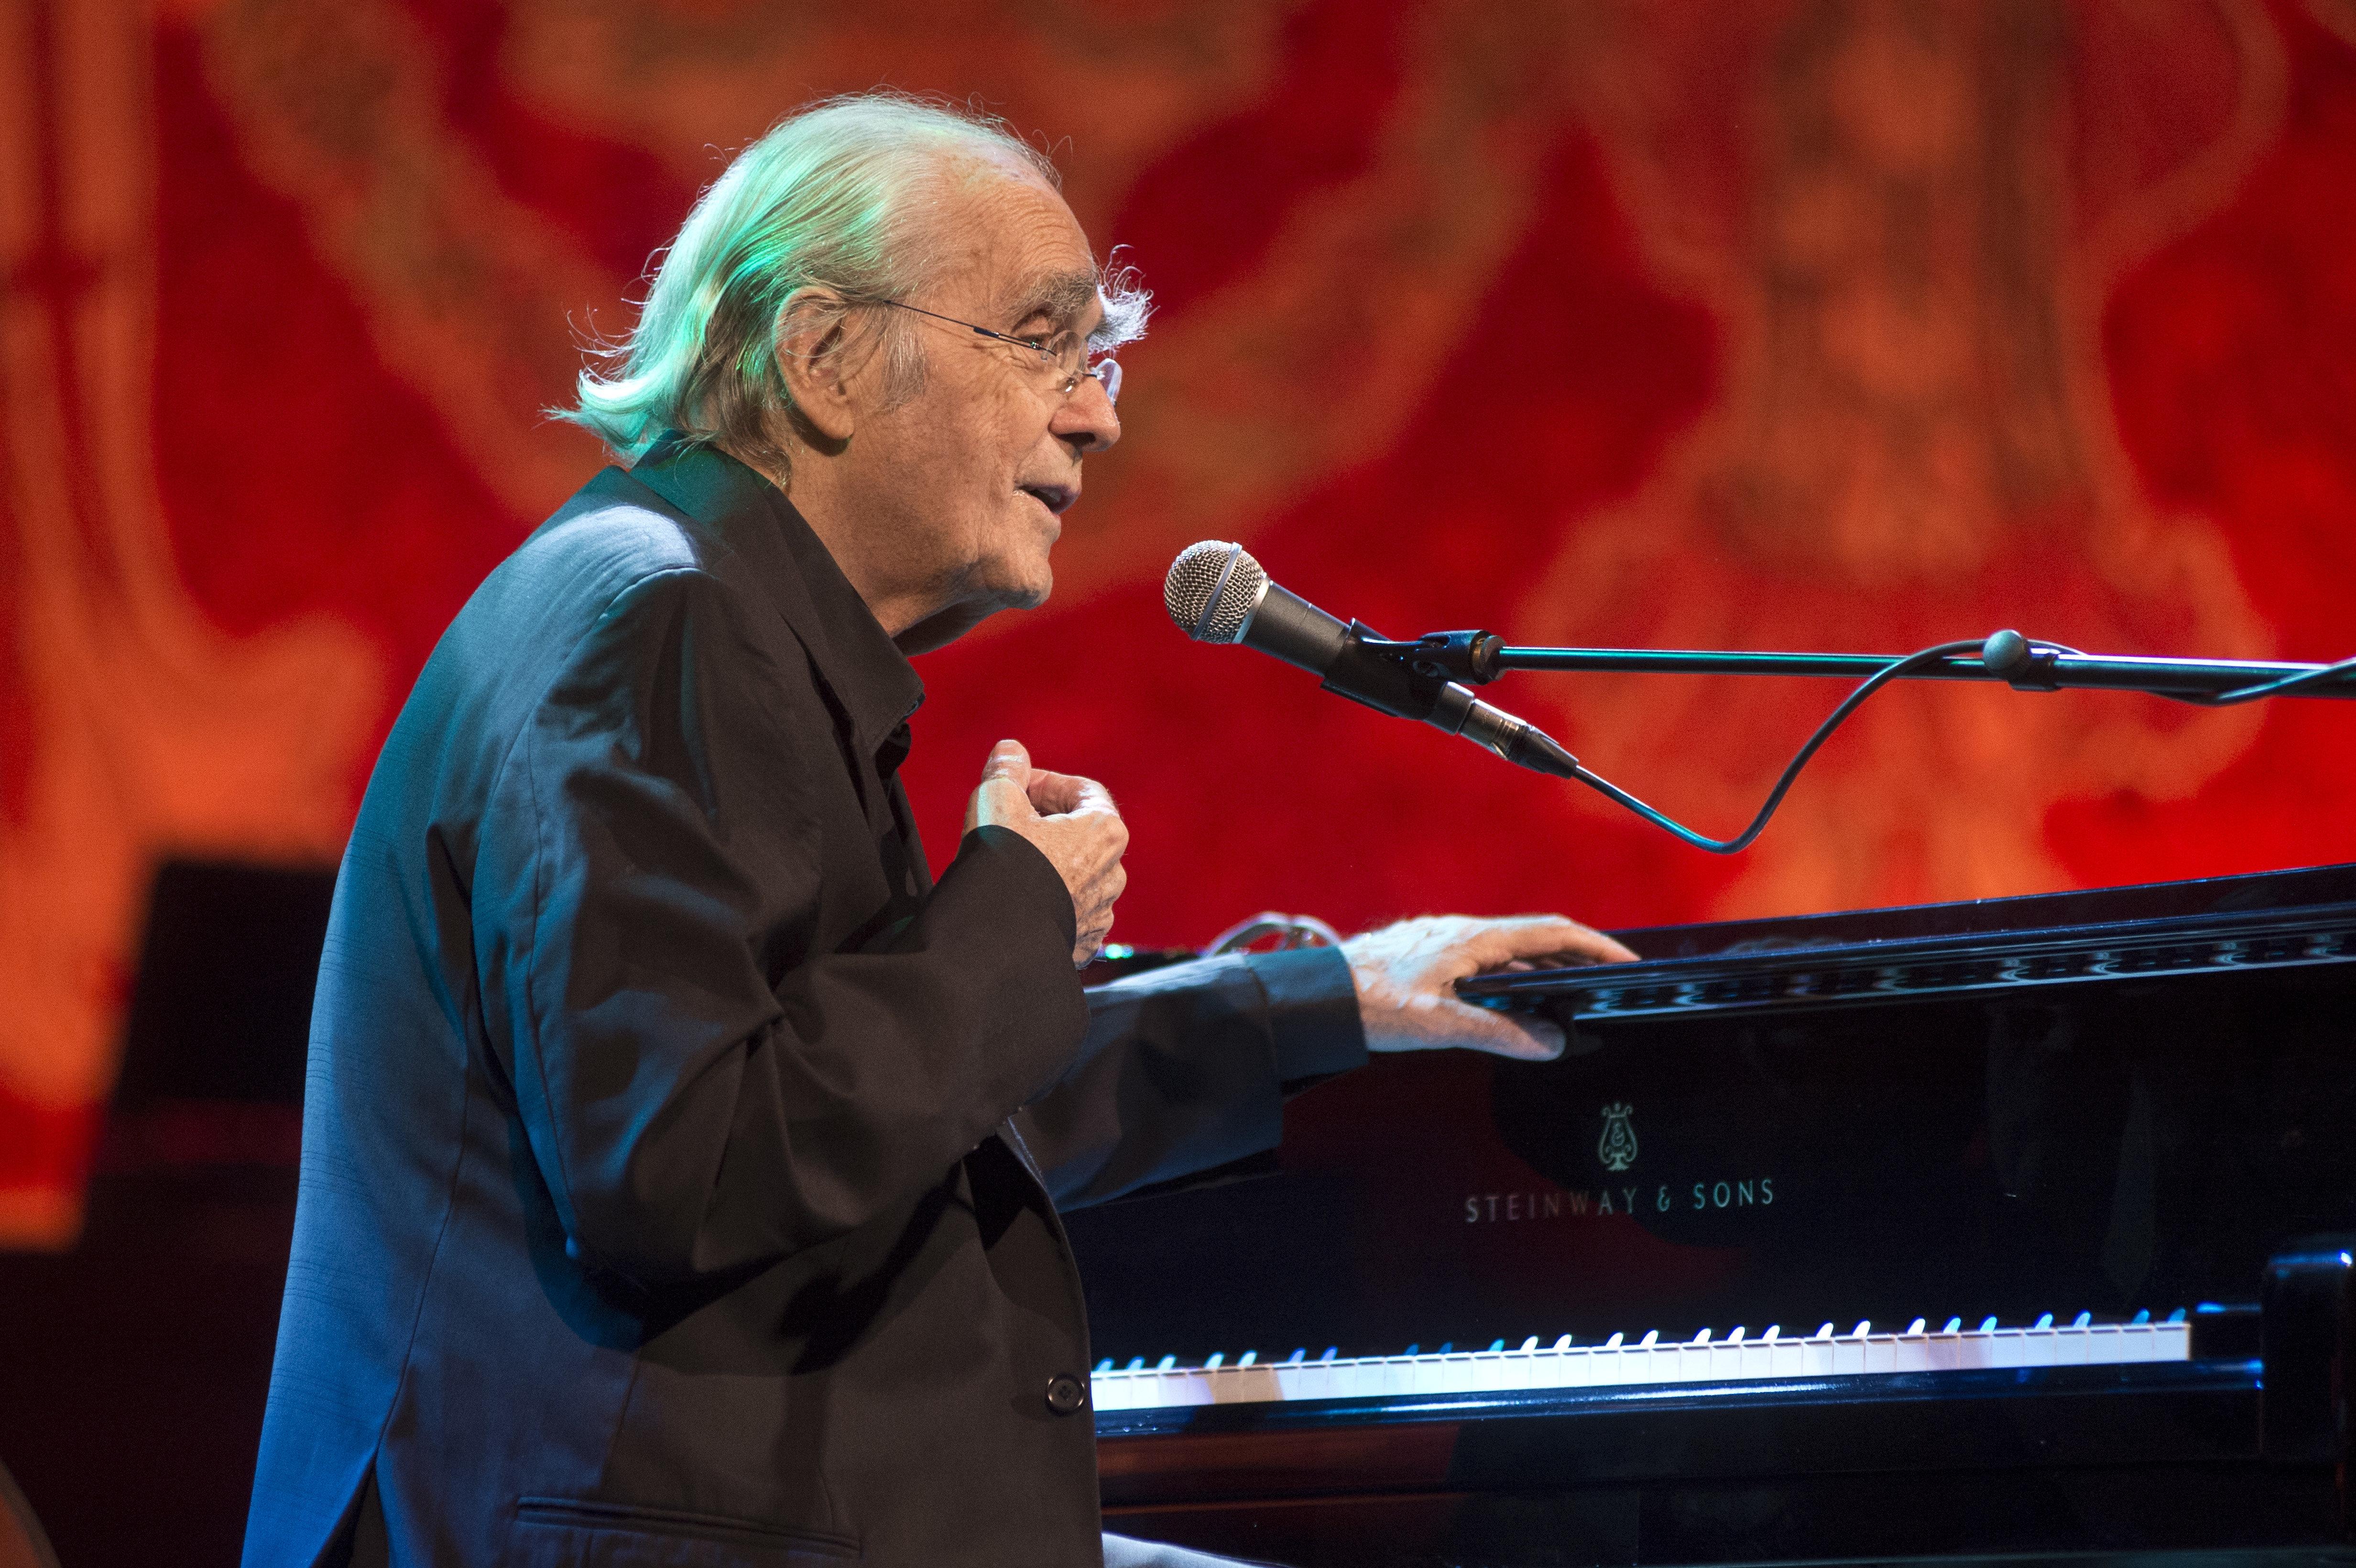 Αναβάλλεται η συναυλία του Michel Legrand στο Ηρώδειο λόγω